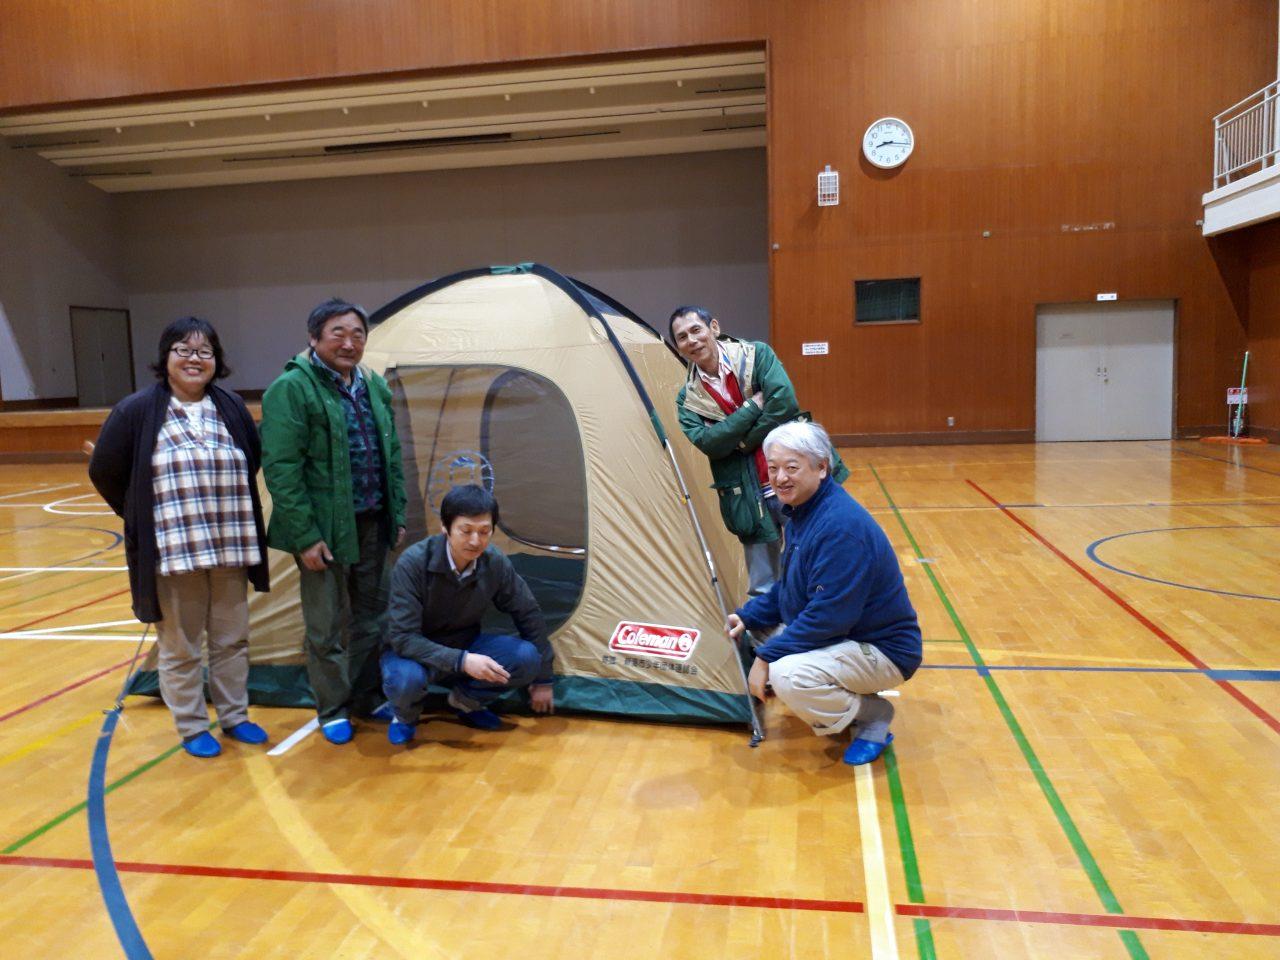 キャンプ用テントのご寄付をいただきました。